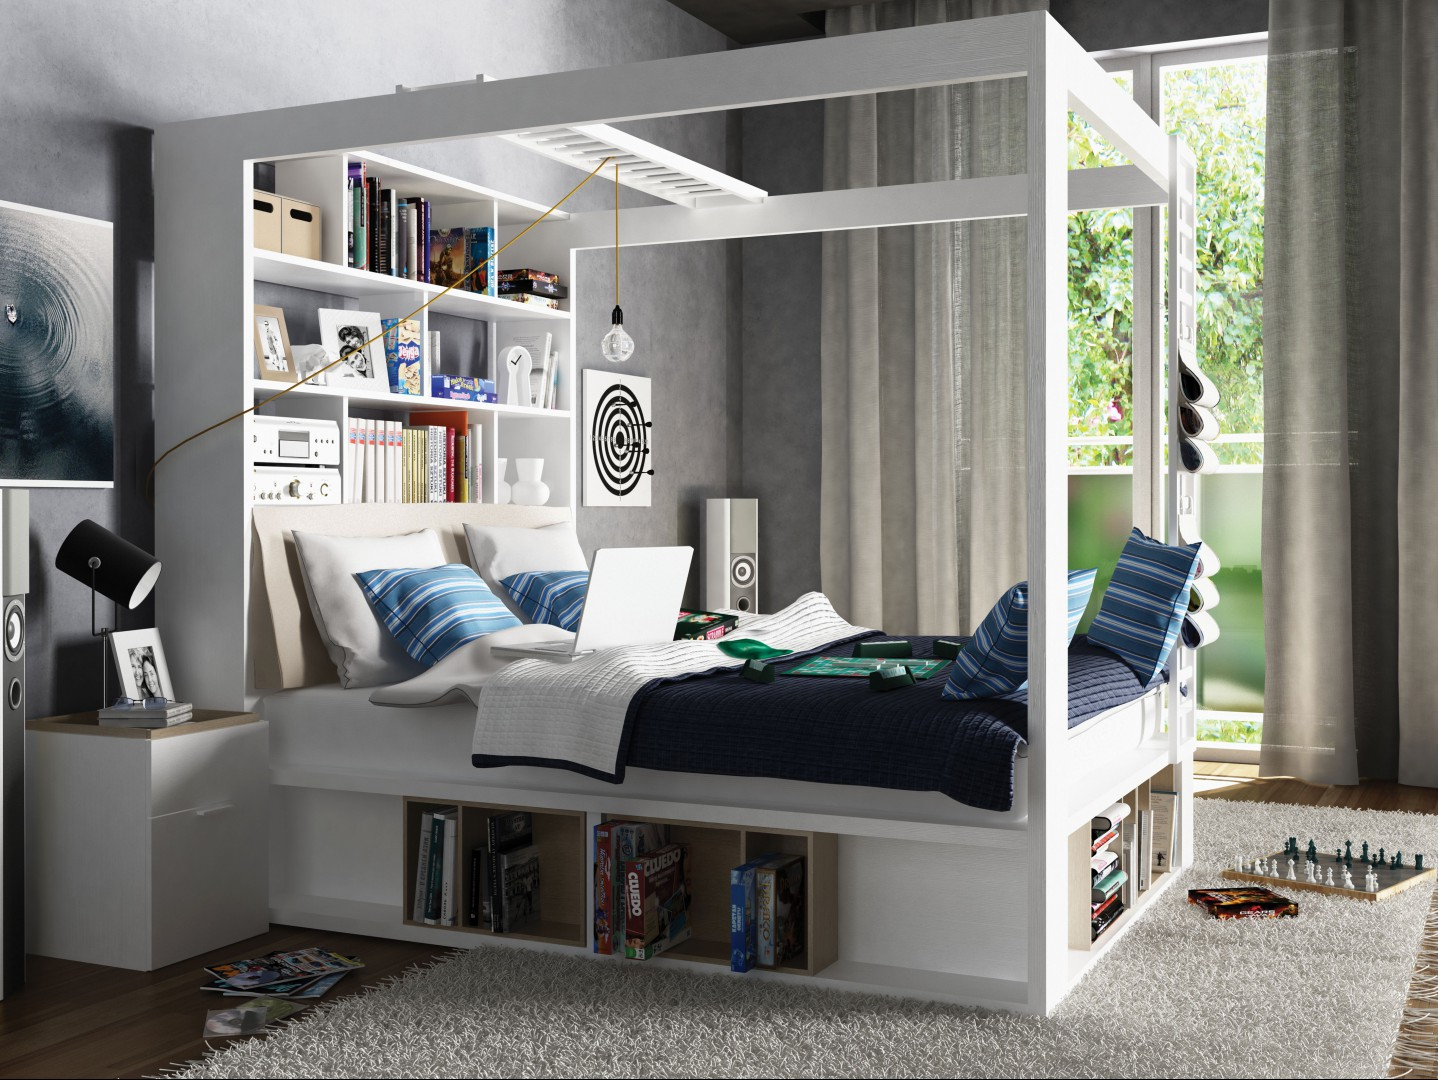 Wielofunkcyjne łóżko z kolekcji 4You (Vox). Projekt: Joanna Leciejewska, Piotr Kuchciński. Fot. Vox